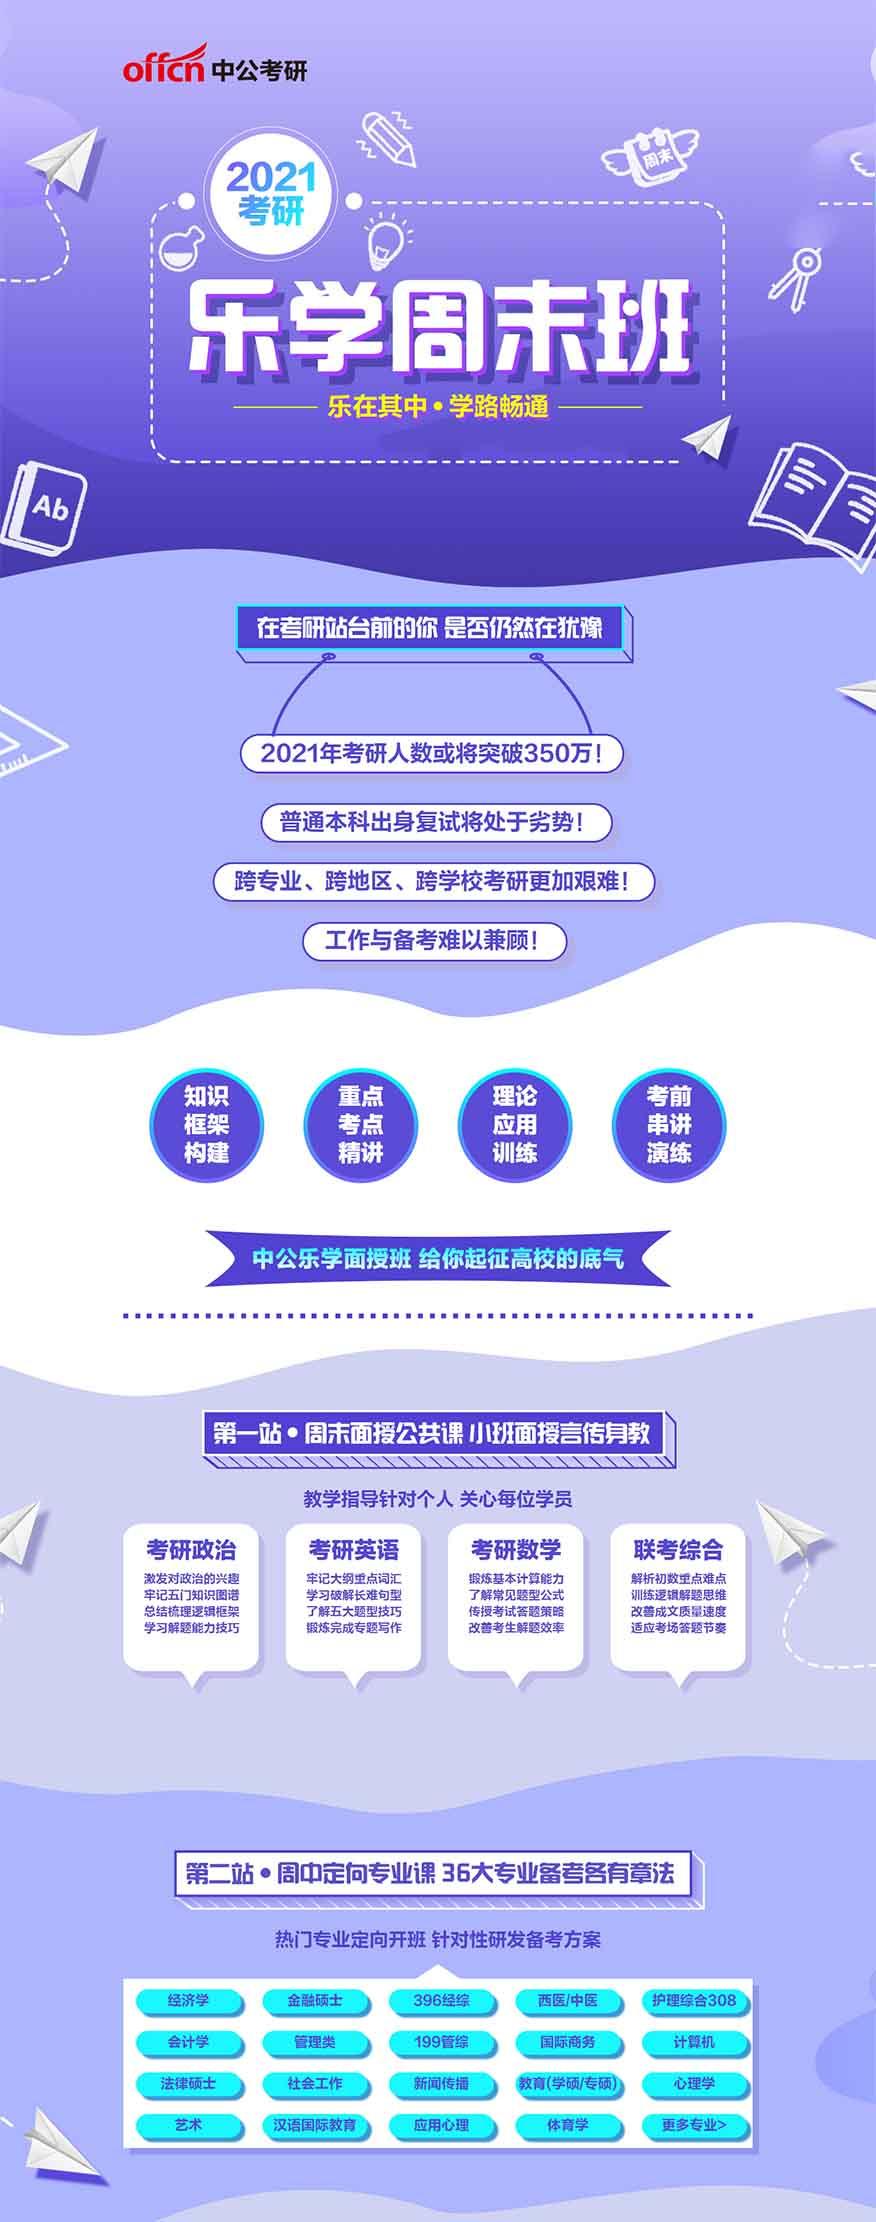 小崔说事(中央电视台文化访谈类节目) 百度百科